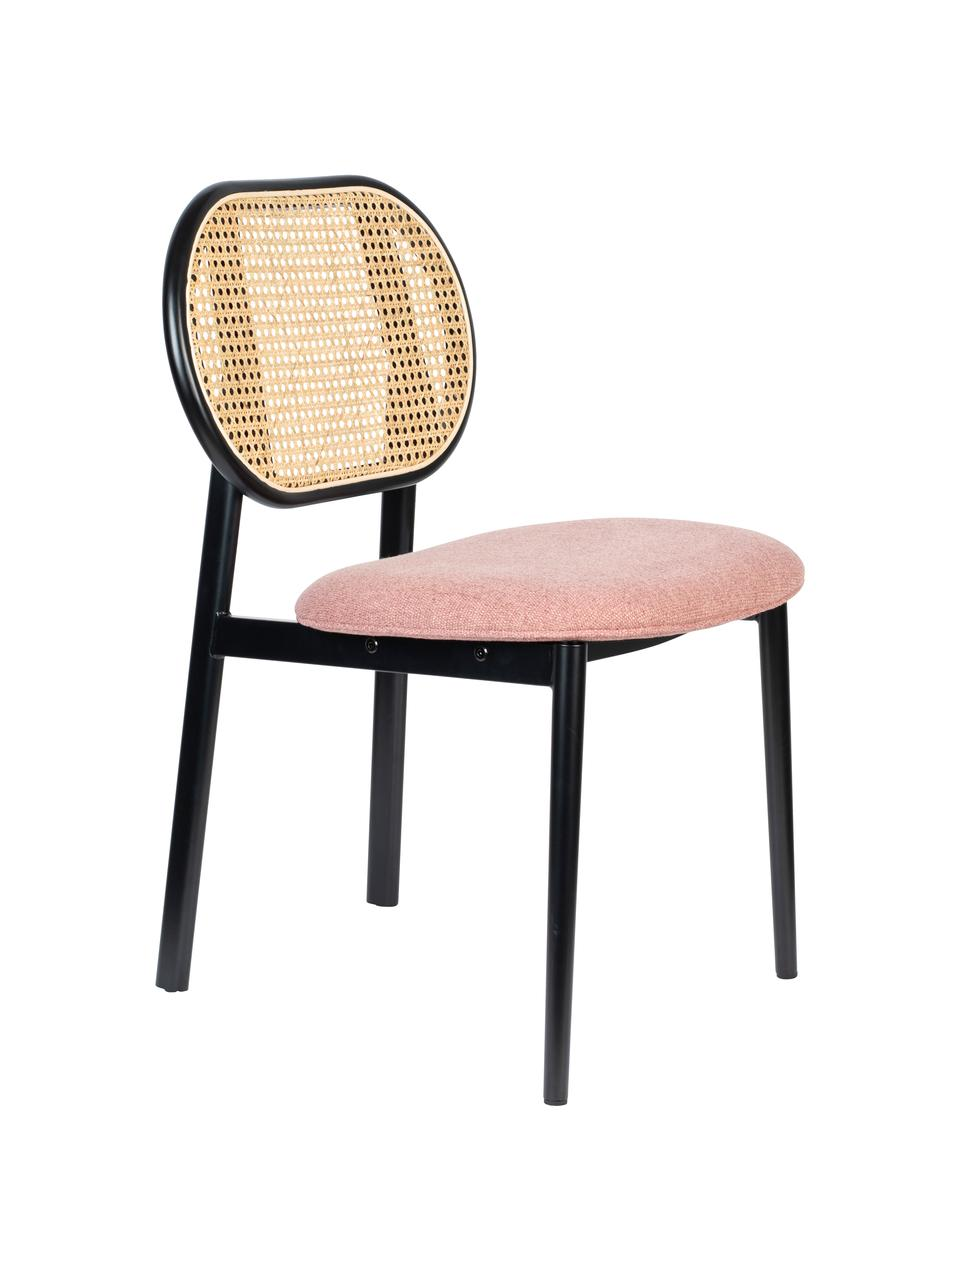 Sedia imbottita con intreccio viennese Spike, Gambe: acciaio verniciato a polv, Rosa, nero, beige, Larg. 46 x Prof. 58 cm